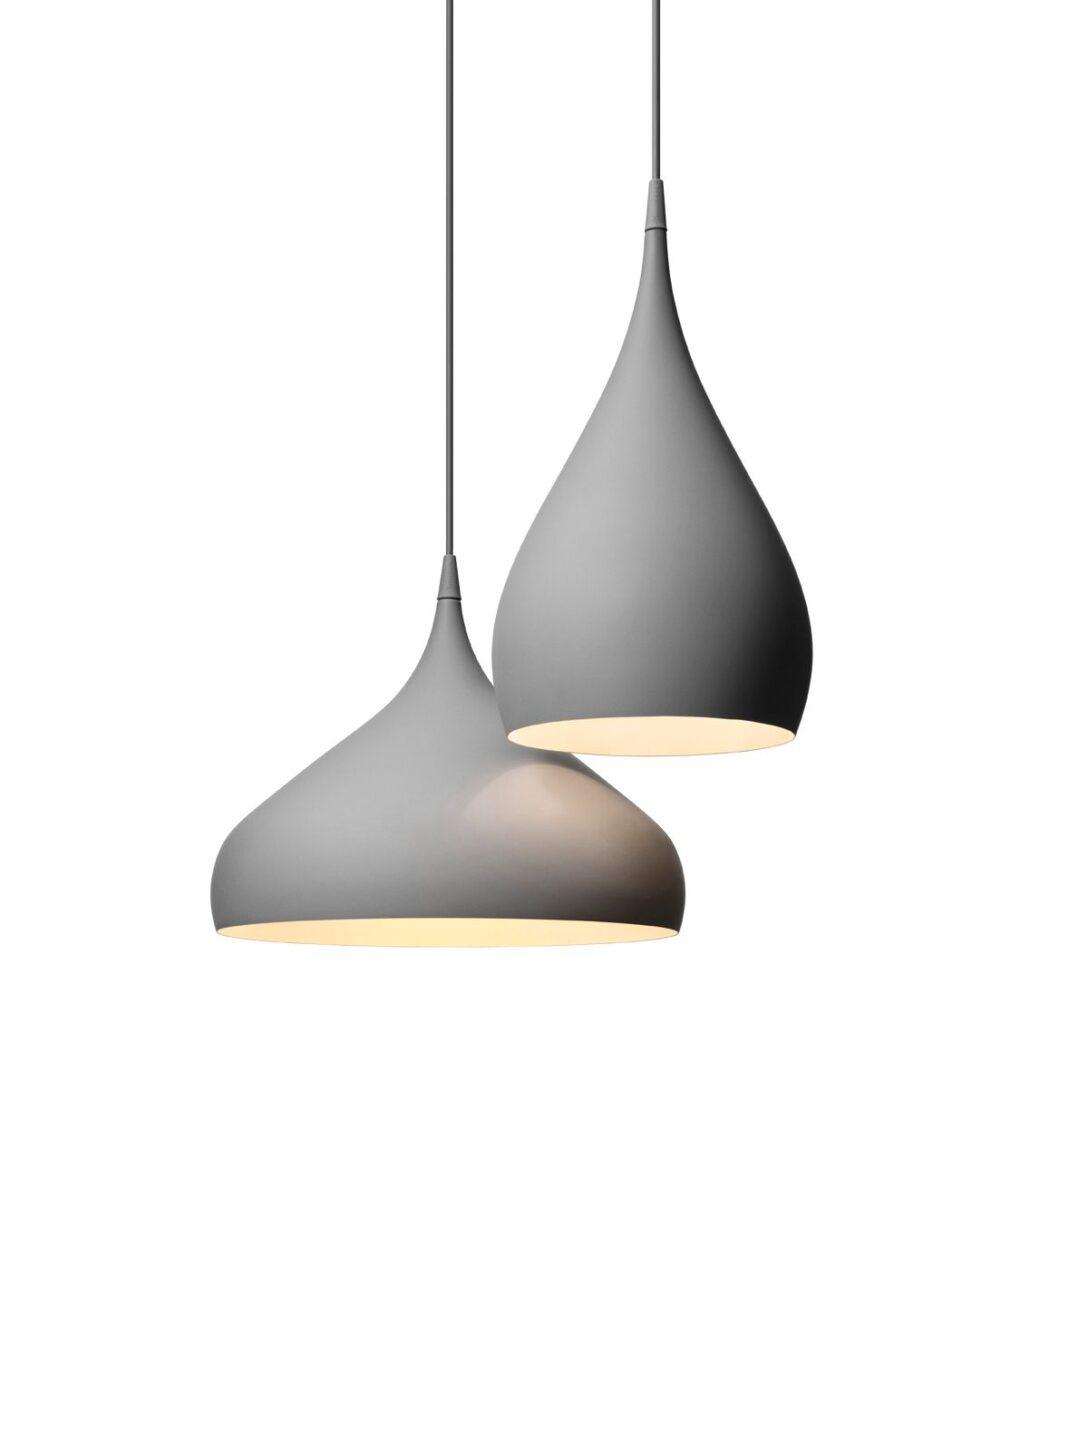 Large Size of Deckenlampe Skandinavisch Spinning Bh1 Lampe Leuchte Design Mit Bildern Deckenlampen Wohnzimmer Bett Esstisch Für Küche Schlafzimmer Modern Bad Wohnzimmer Deckenlampe Skandinavisch